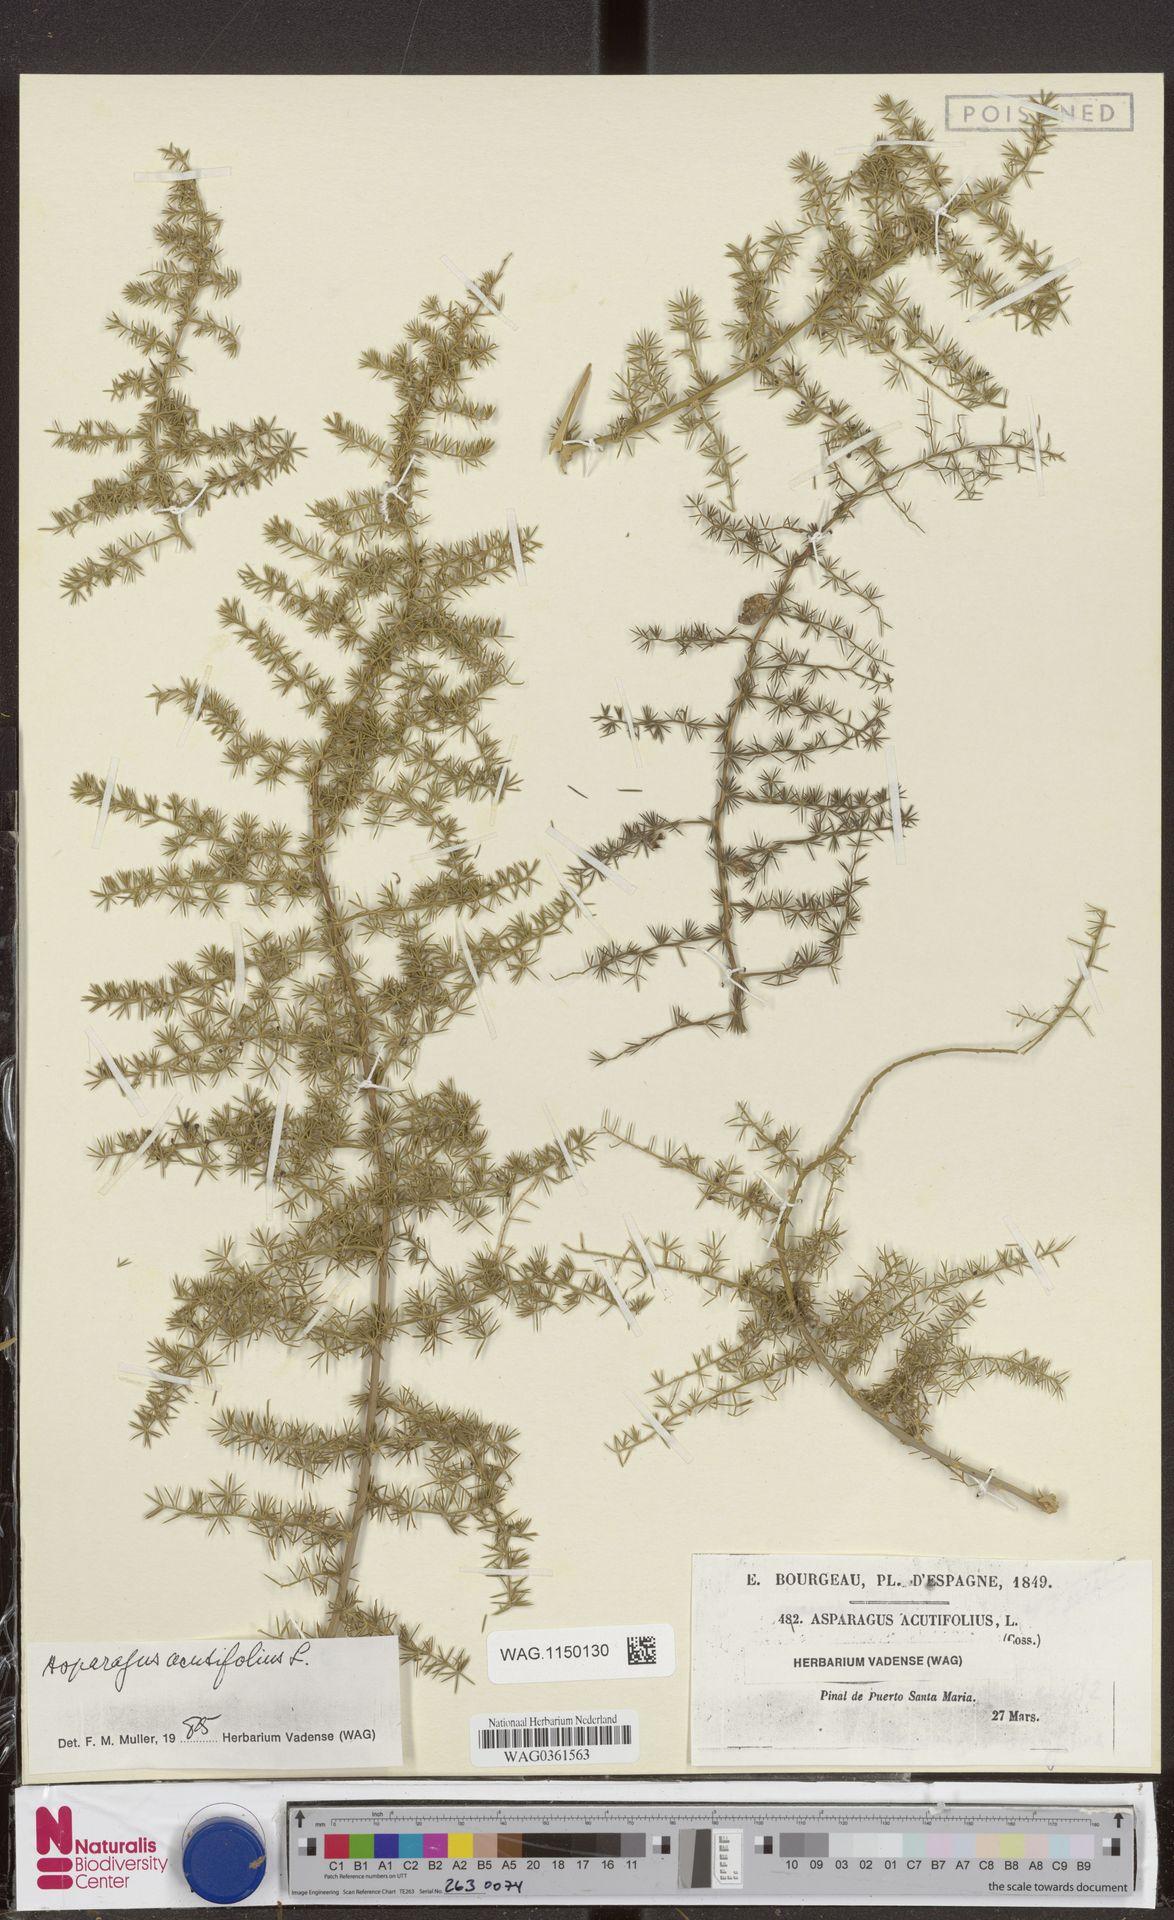 WAG.1150130 | Asparagus acutifolius L.